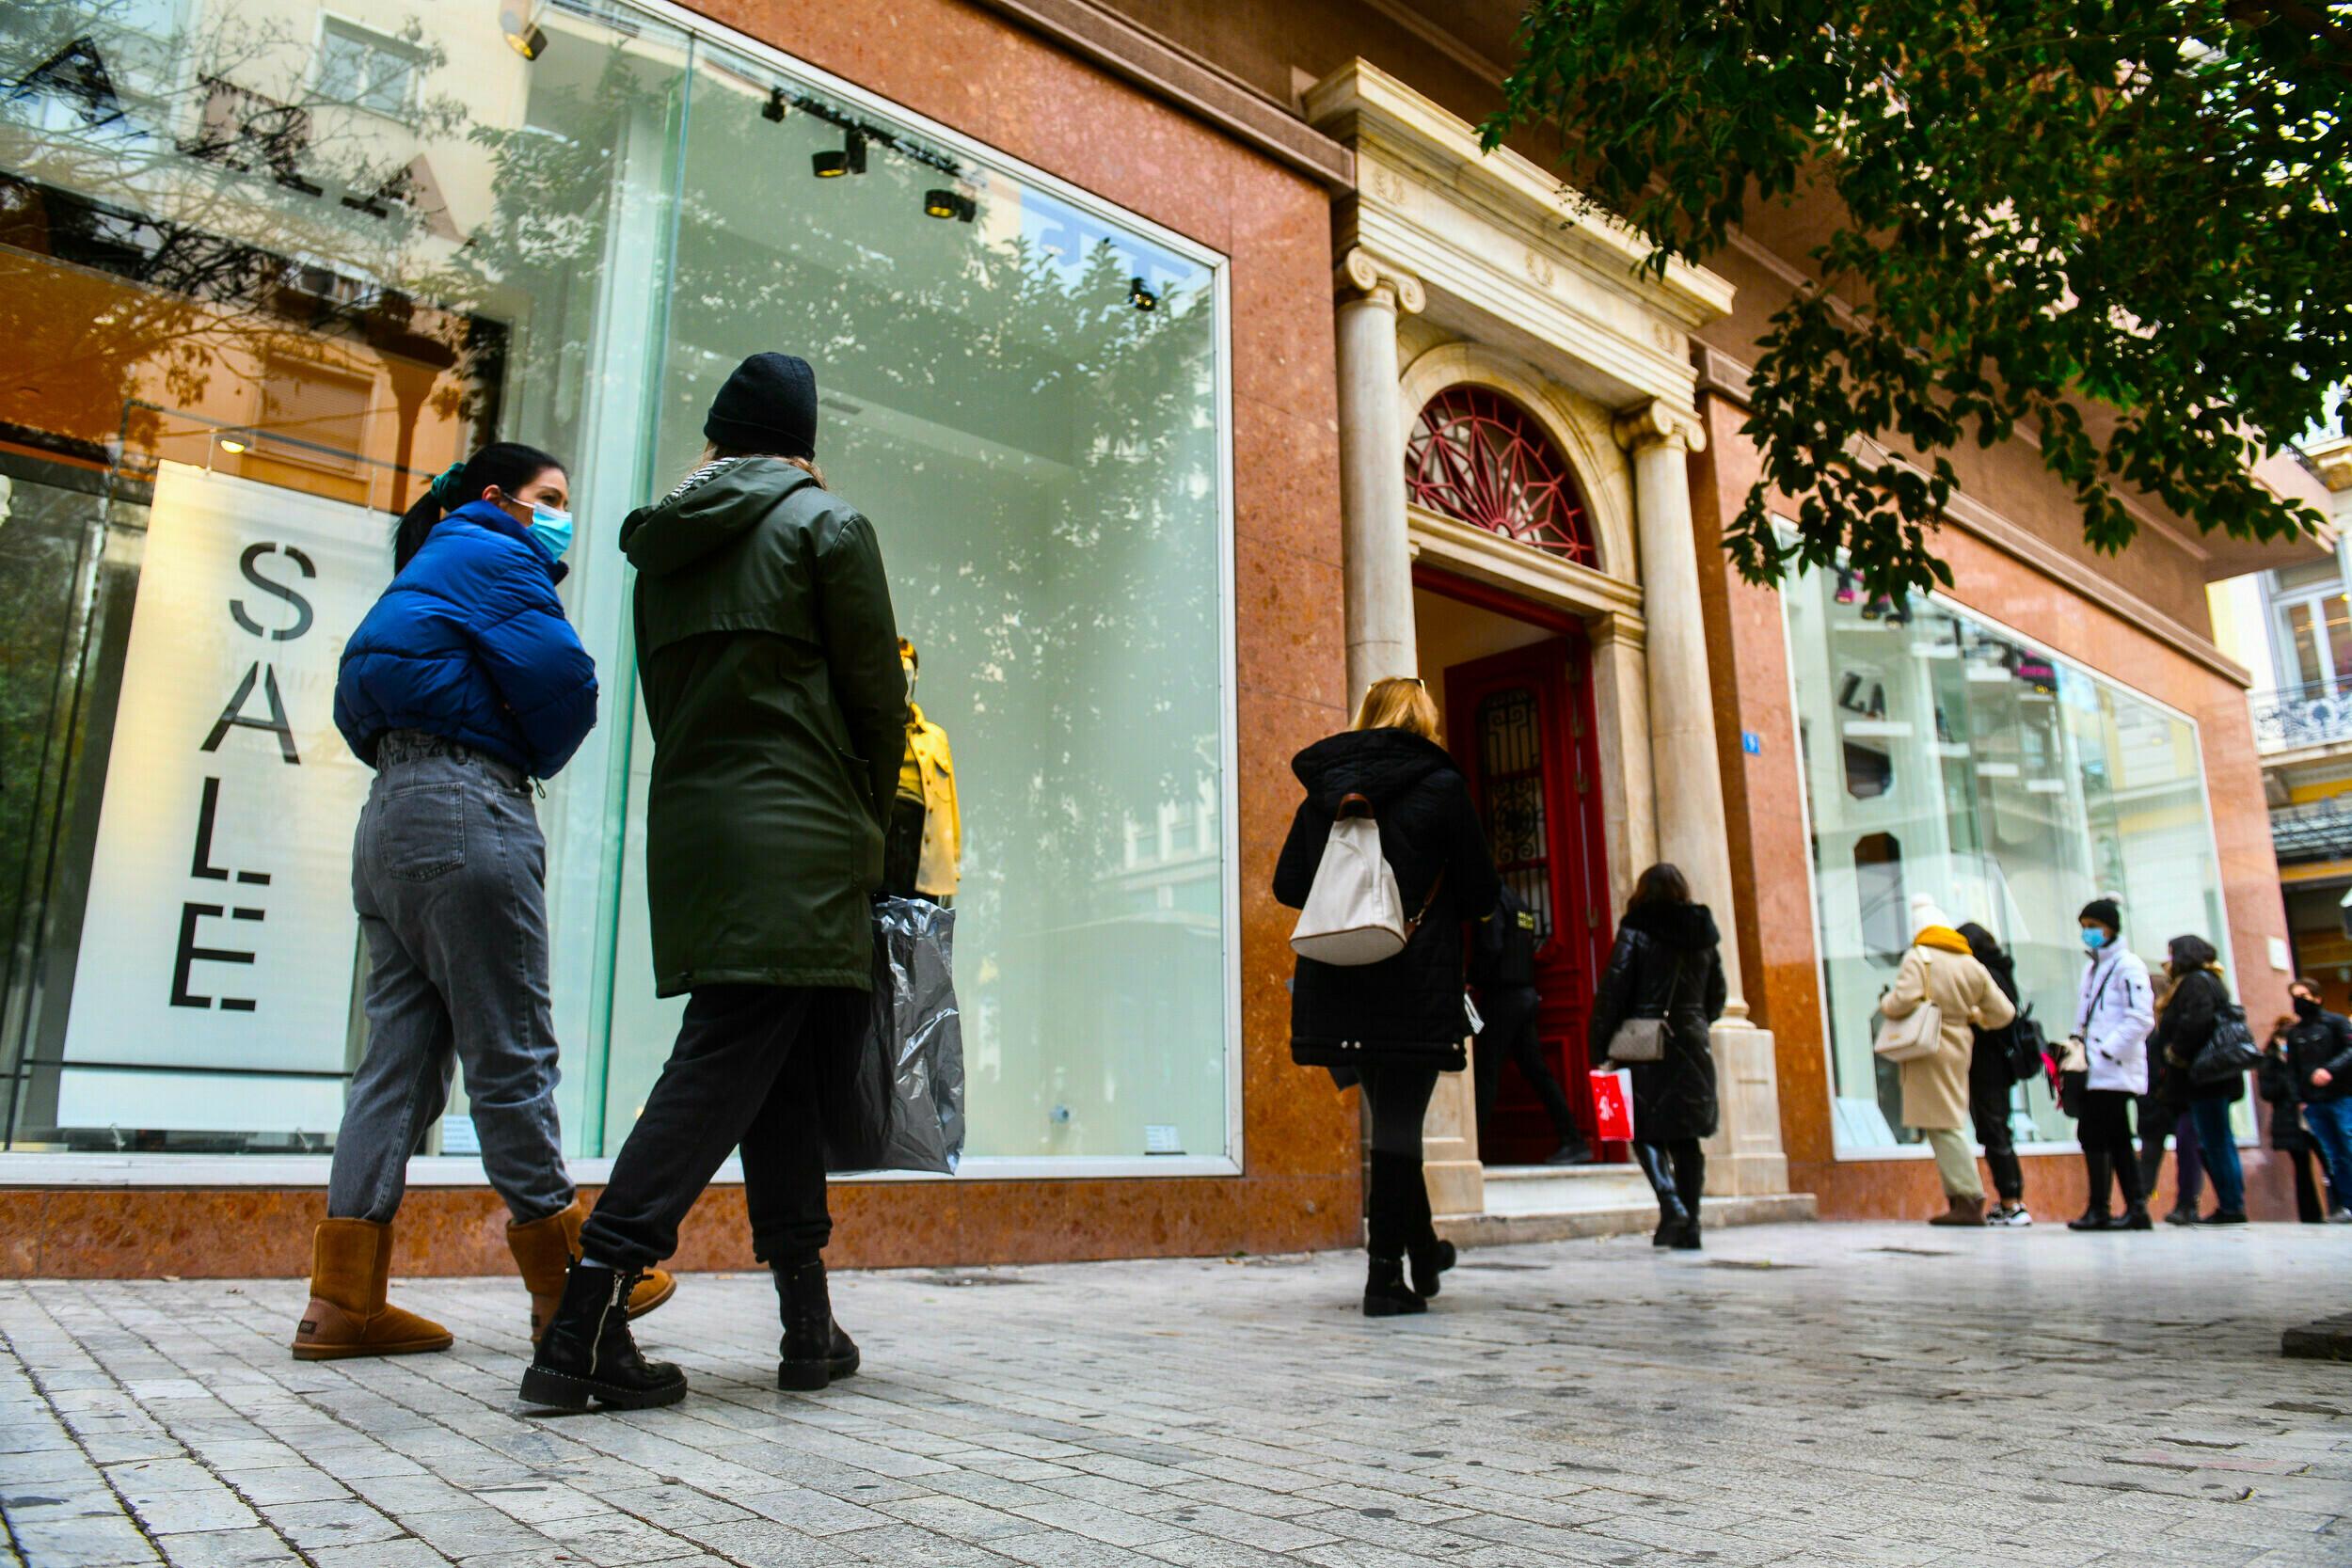 Λιανεμπόριο: Πώς θα λειτουργούν τα καταστήματα από Δευτέρα - Ψώνια με «τρίωρο» SMS | LiFO